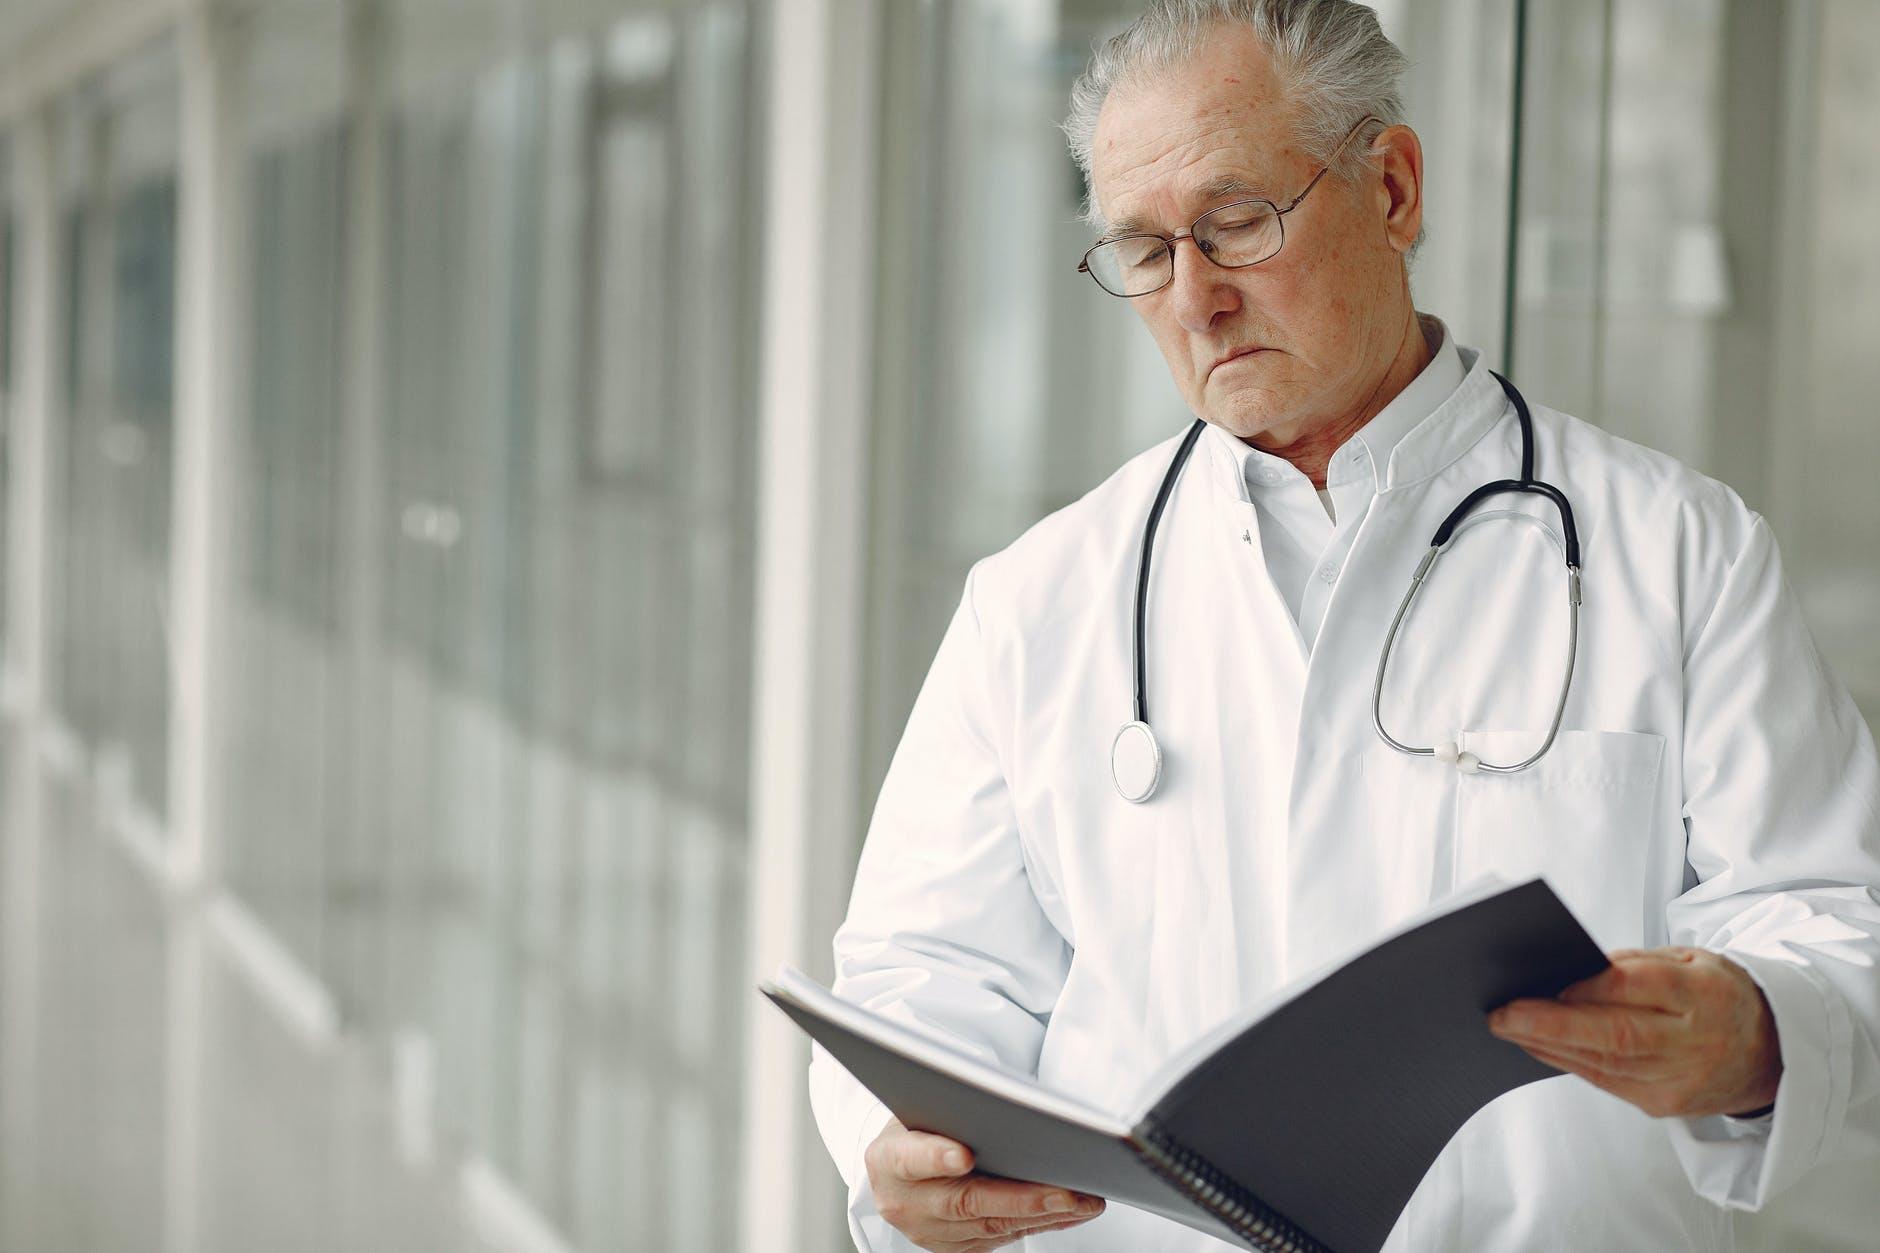 Patientenverfügung, Organspende und wann muss der Arzt Patienten in den eigenen vier Wänden behandeln